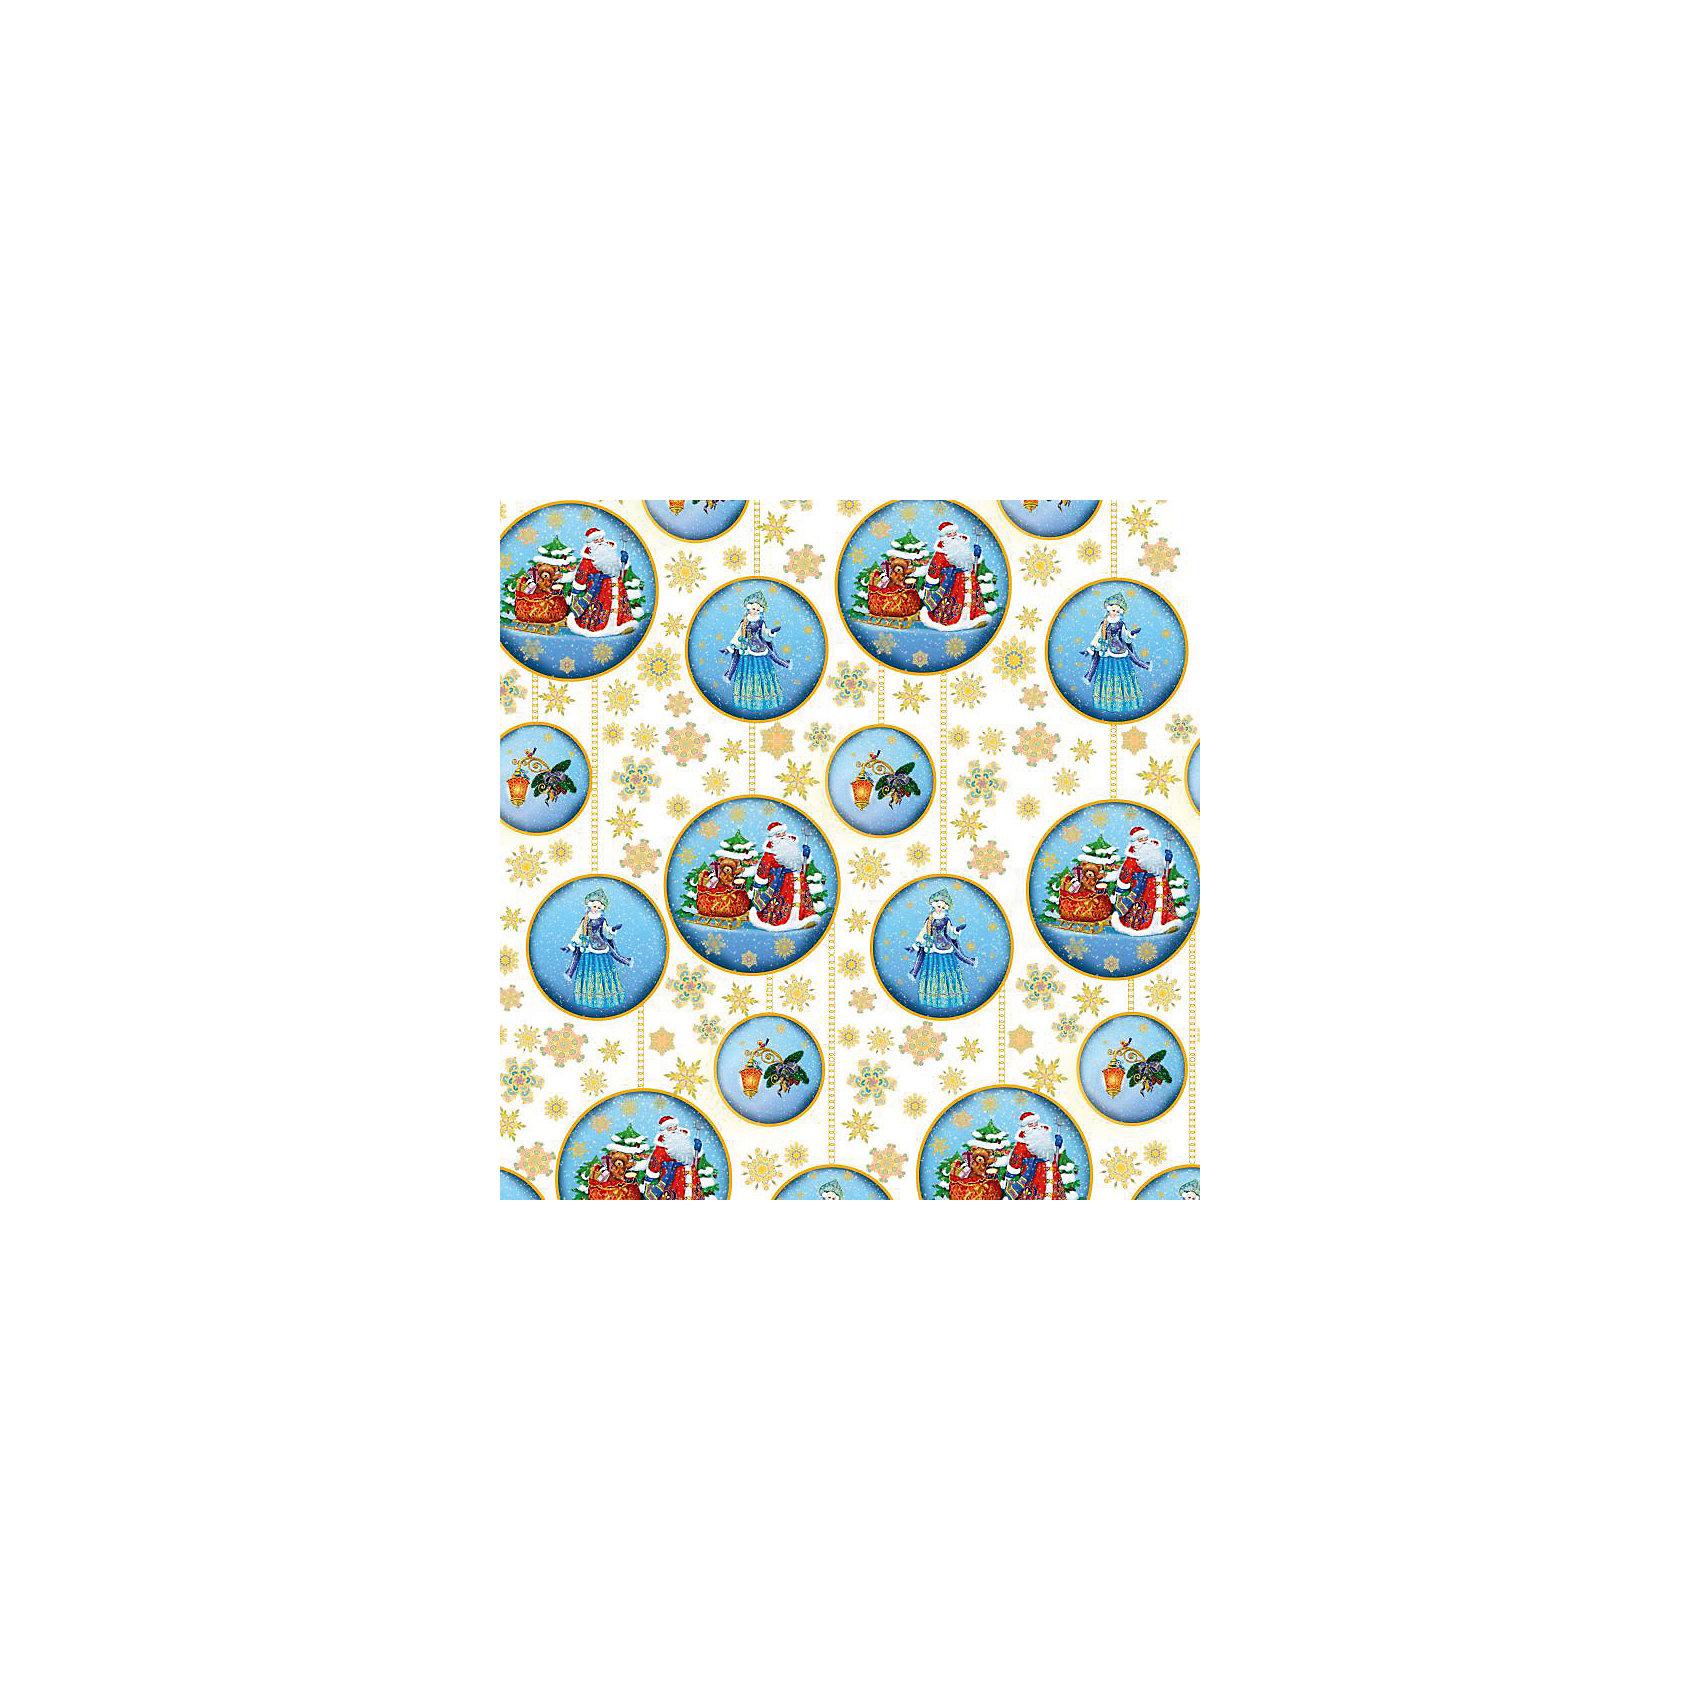 Упаковочная бумага Дед Мороз и Снегурочка 100*70 см (в рулоне)Новинки Новый Год<br>Упаковочная бумага Дед Мороз и Снегурочка 100*70 см (в рулоне) - этот яркий аксессуар станет достойным украшением новогоднего подарка.<br>С помощью упаковочной бумаги Дед Мороз и Снегурочка вы сможете создать восхитительную эксклюзивную упаковку для новогодних подарков родным и друзьям. Красиво упакованный подарок может зажечь фантазию получателя и подарить немало ярких впечатлений еще до того, как он развернет его. Мелованная бумага оформлена с одной стороны полноцветным декоративным рисунком с изображениями ажурных золотых снежинок и голубых шаров с Дедом Морозом и Снегурочкой.<br><br>Дополнительная информация:<br><br>- Размер: 100 х 70 см.<br>- Плотность 80 г/м2<br><br>Упаковочная бумага Дед Мороз и Снегурочка 100*70 см (в рулоне) - окружите близких людей вниманием и заботой, вручив новогодний презент в нарядном, праздничном оформлении.<br><br>Упаковочную бумагу Дед Мороз и Снегурочка 100*70 см (в рулоне) можно купить в нашем интернет-магазине.<br><br>Ширина мм: 10<br>Глубина мм: 10<br>Высота мм: 700<br>Вес г: 62<br>Возраст от месяцев: 36<br>Возраст до месяцев: 2147483647<br>Пол: Унисекс<br>Возраст: Детский<br>SKU: 4274771